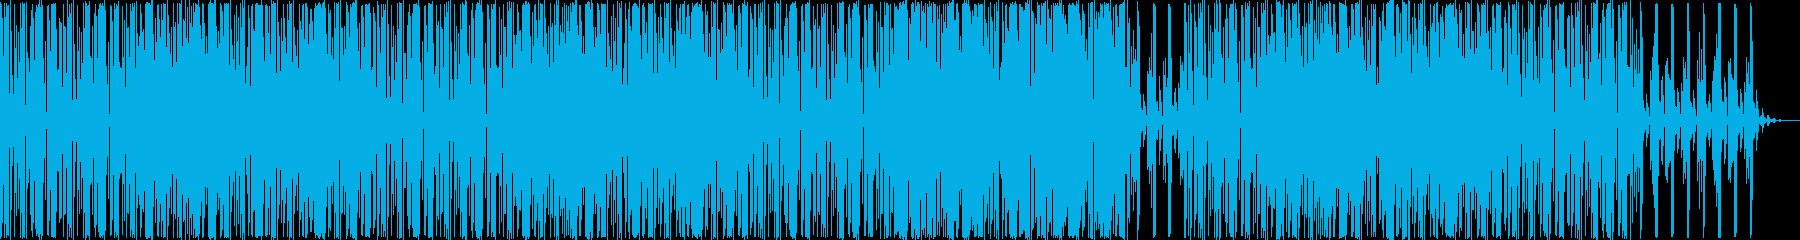 ファミコン風 8bit  レトロの再生済みの波形